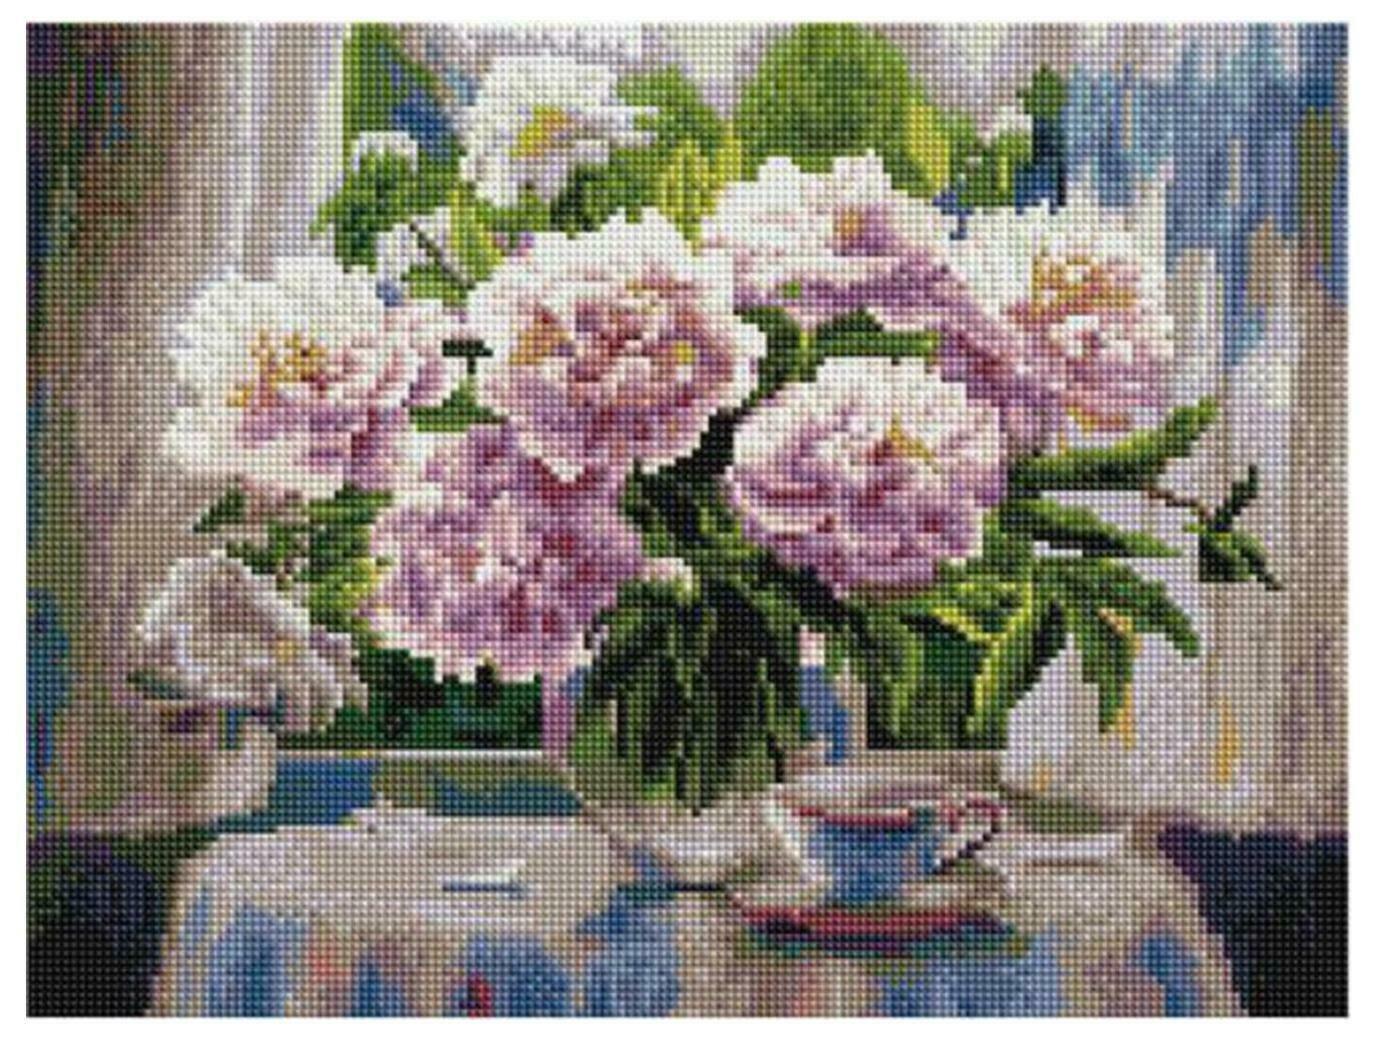 Алмазная мозаика Paintboy ACPK 79010 Белые пионы (Воробьёва Ольга) 30*40